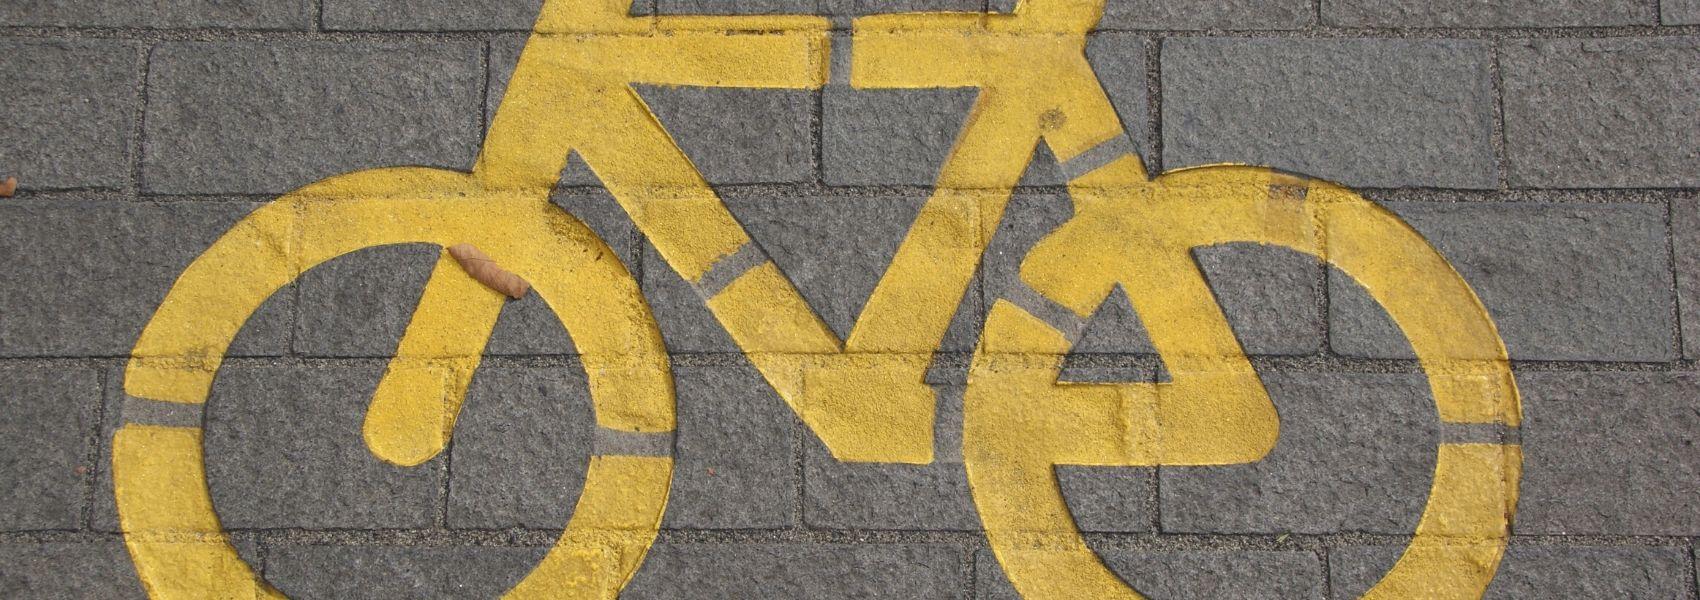 ir de bicicleta